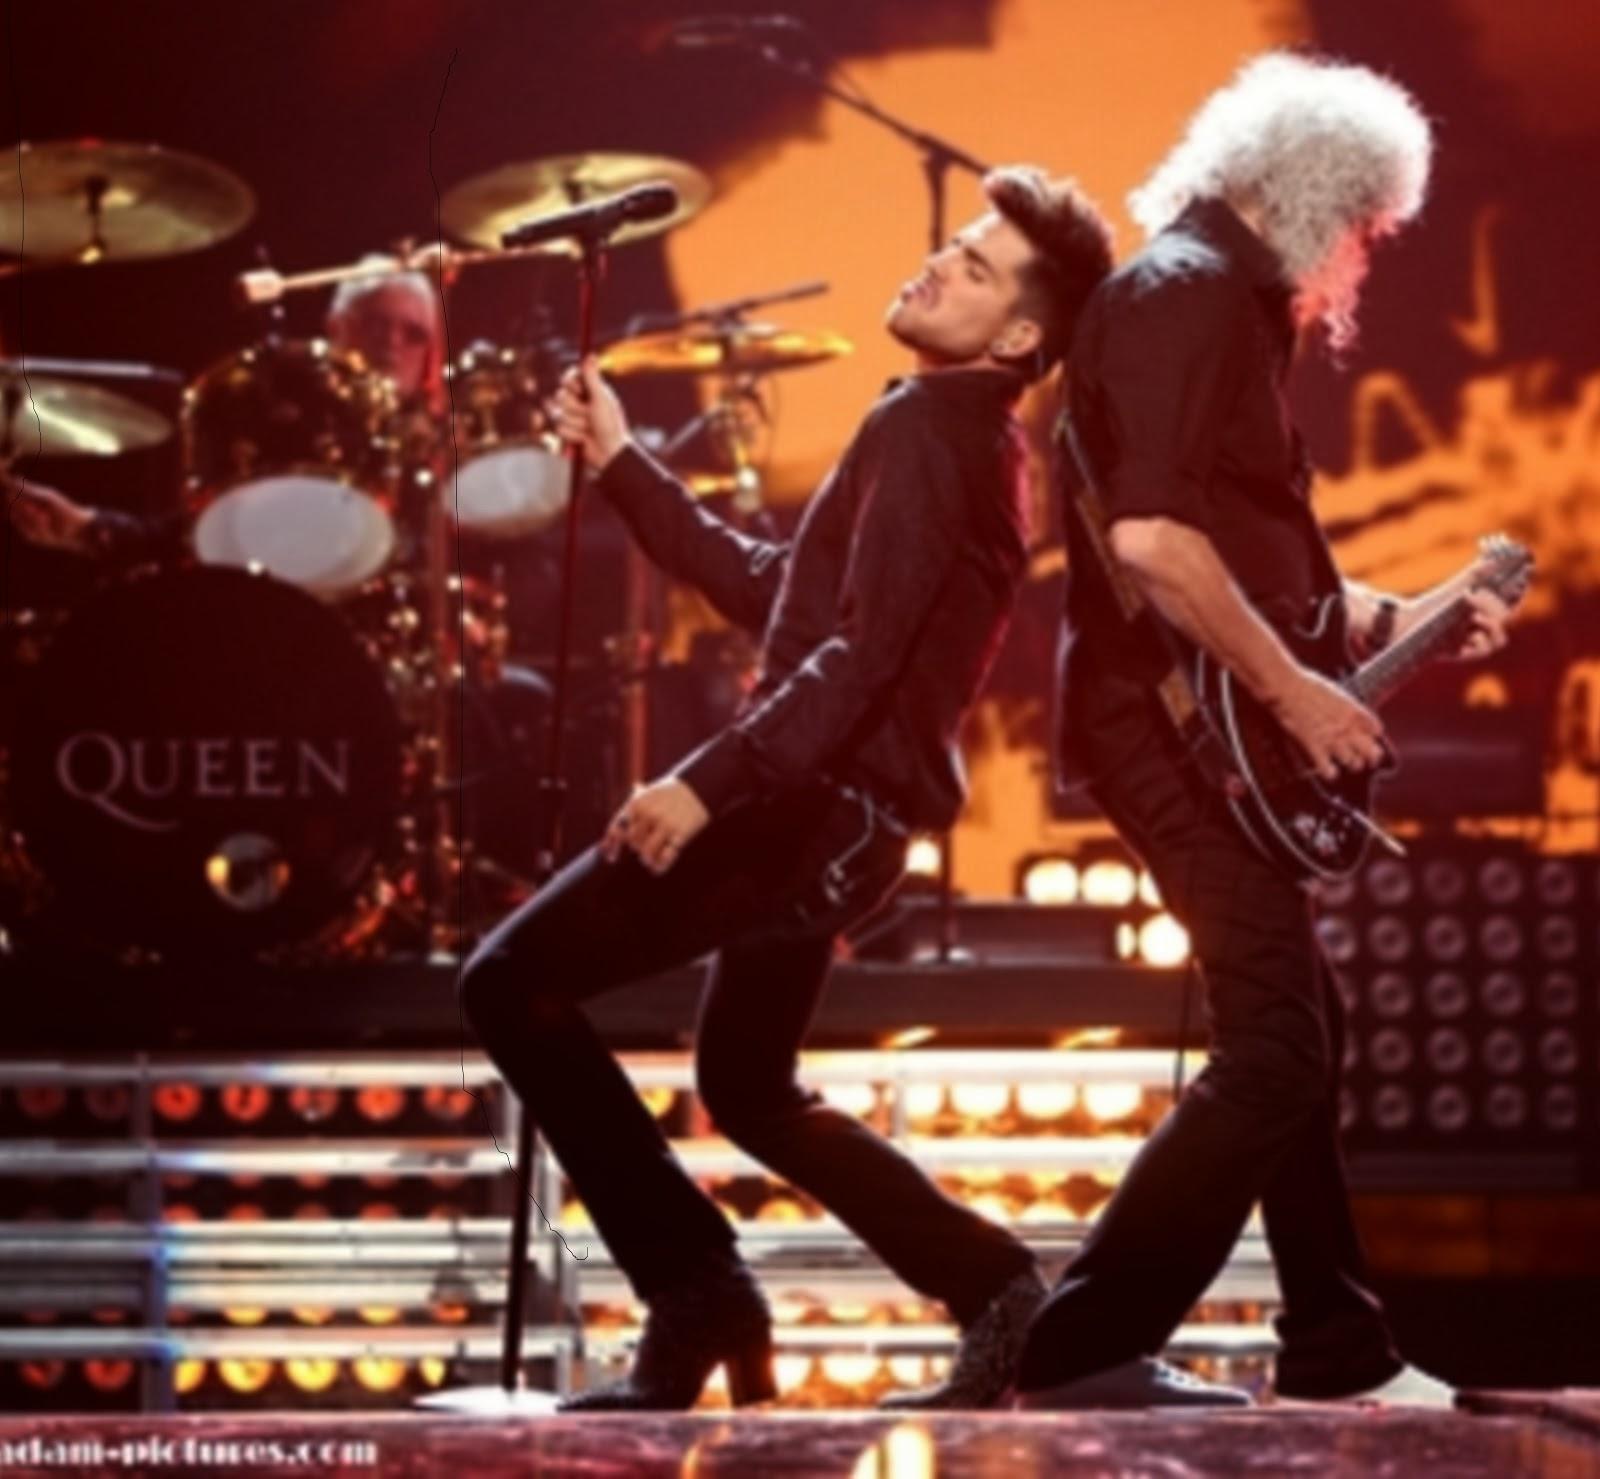 Queen + Adam Lambert at I Heart Radio